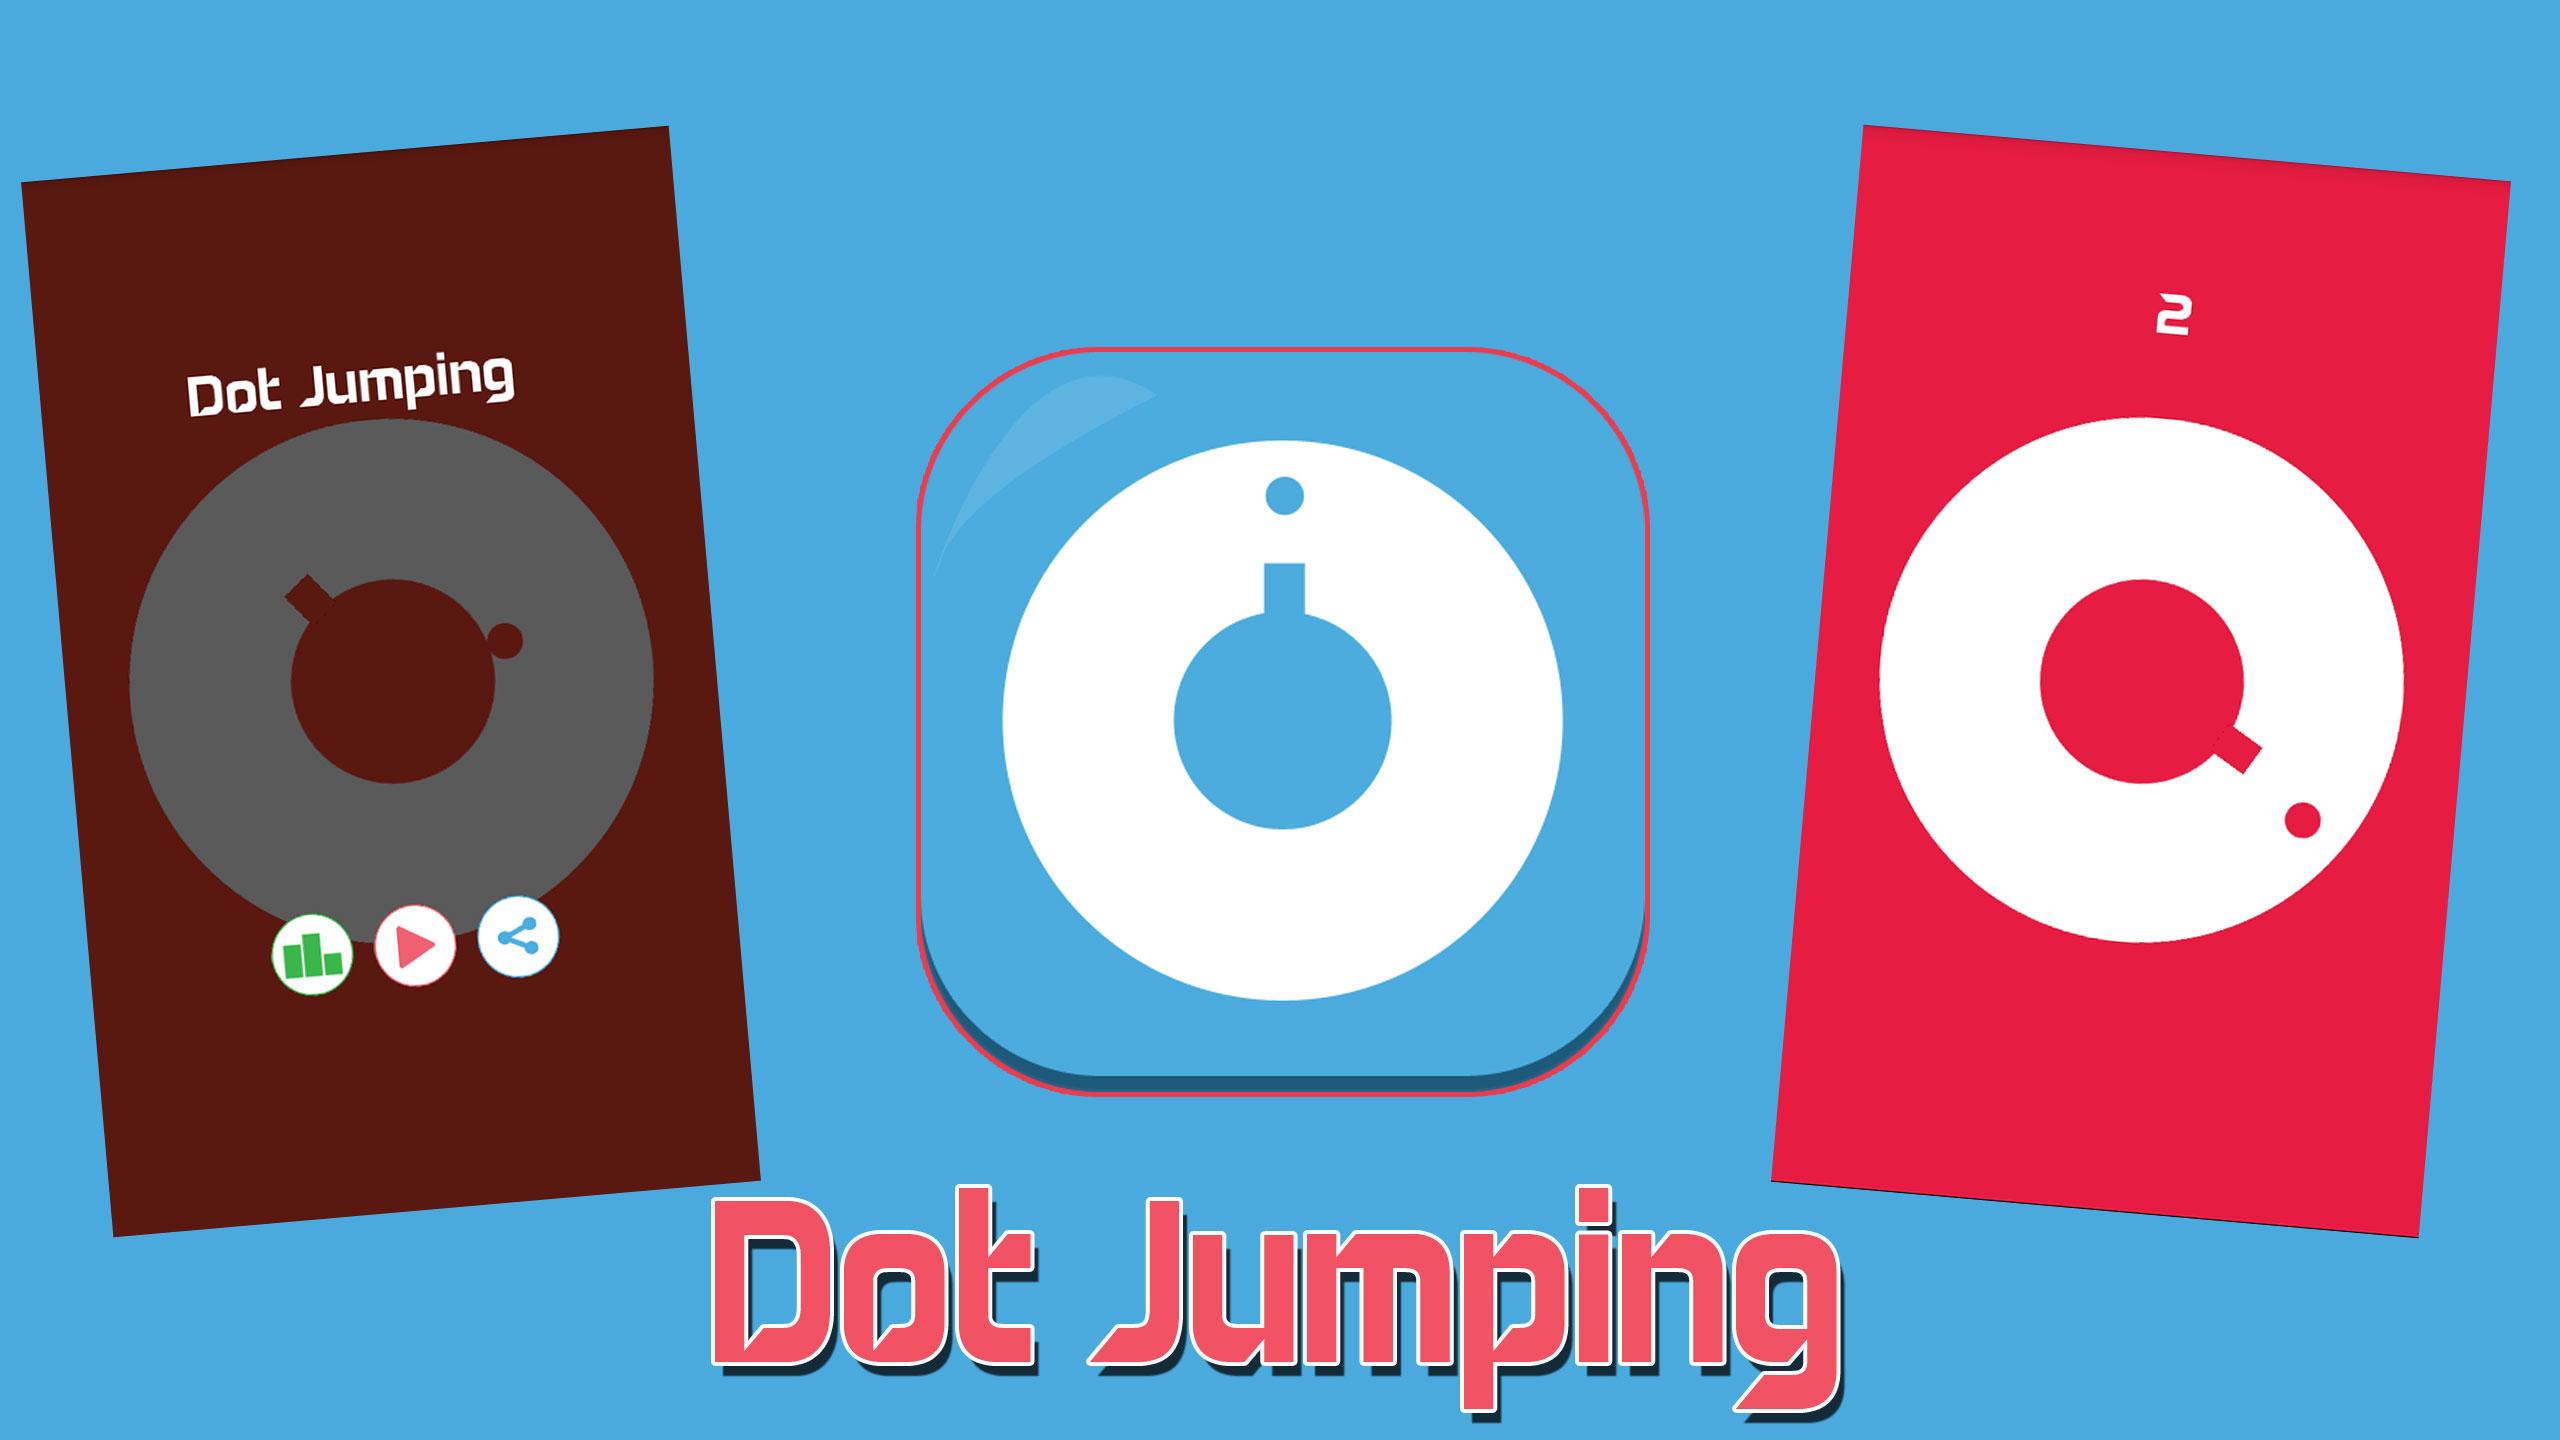 Dot Jumping